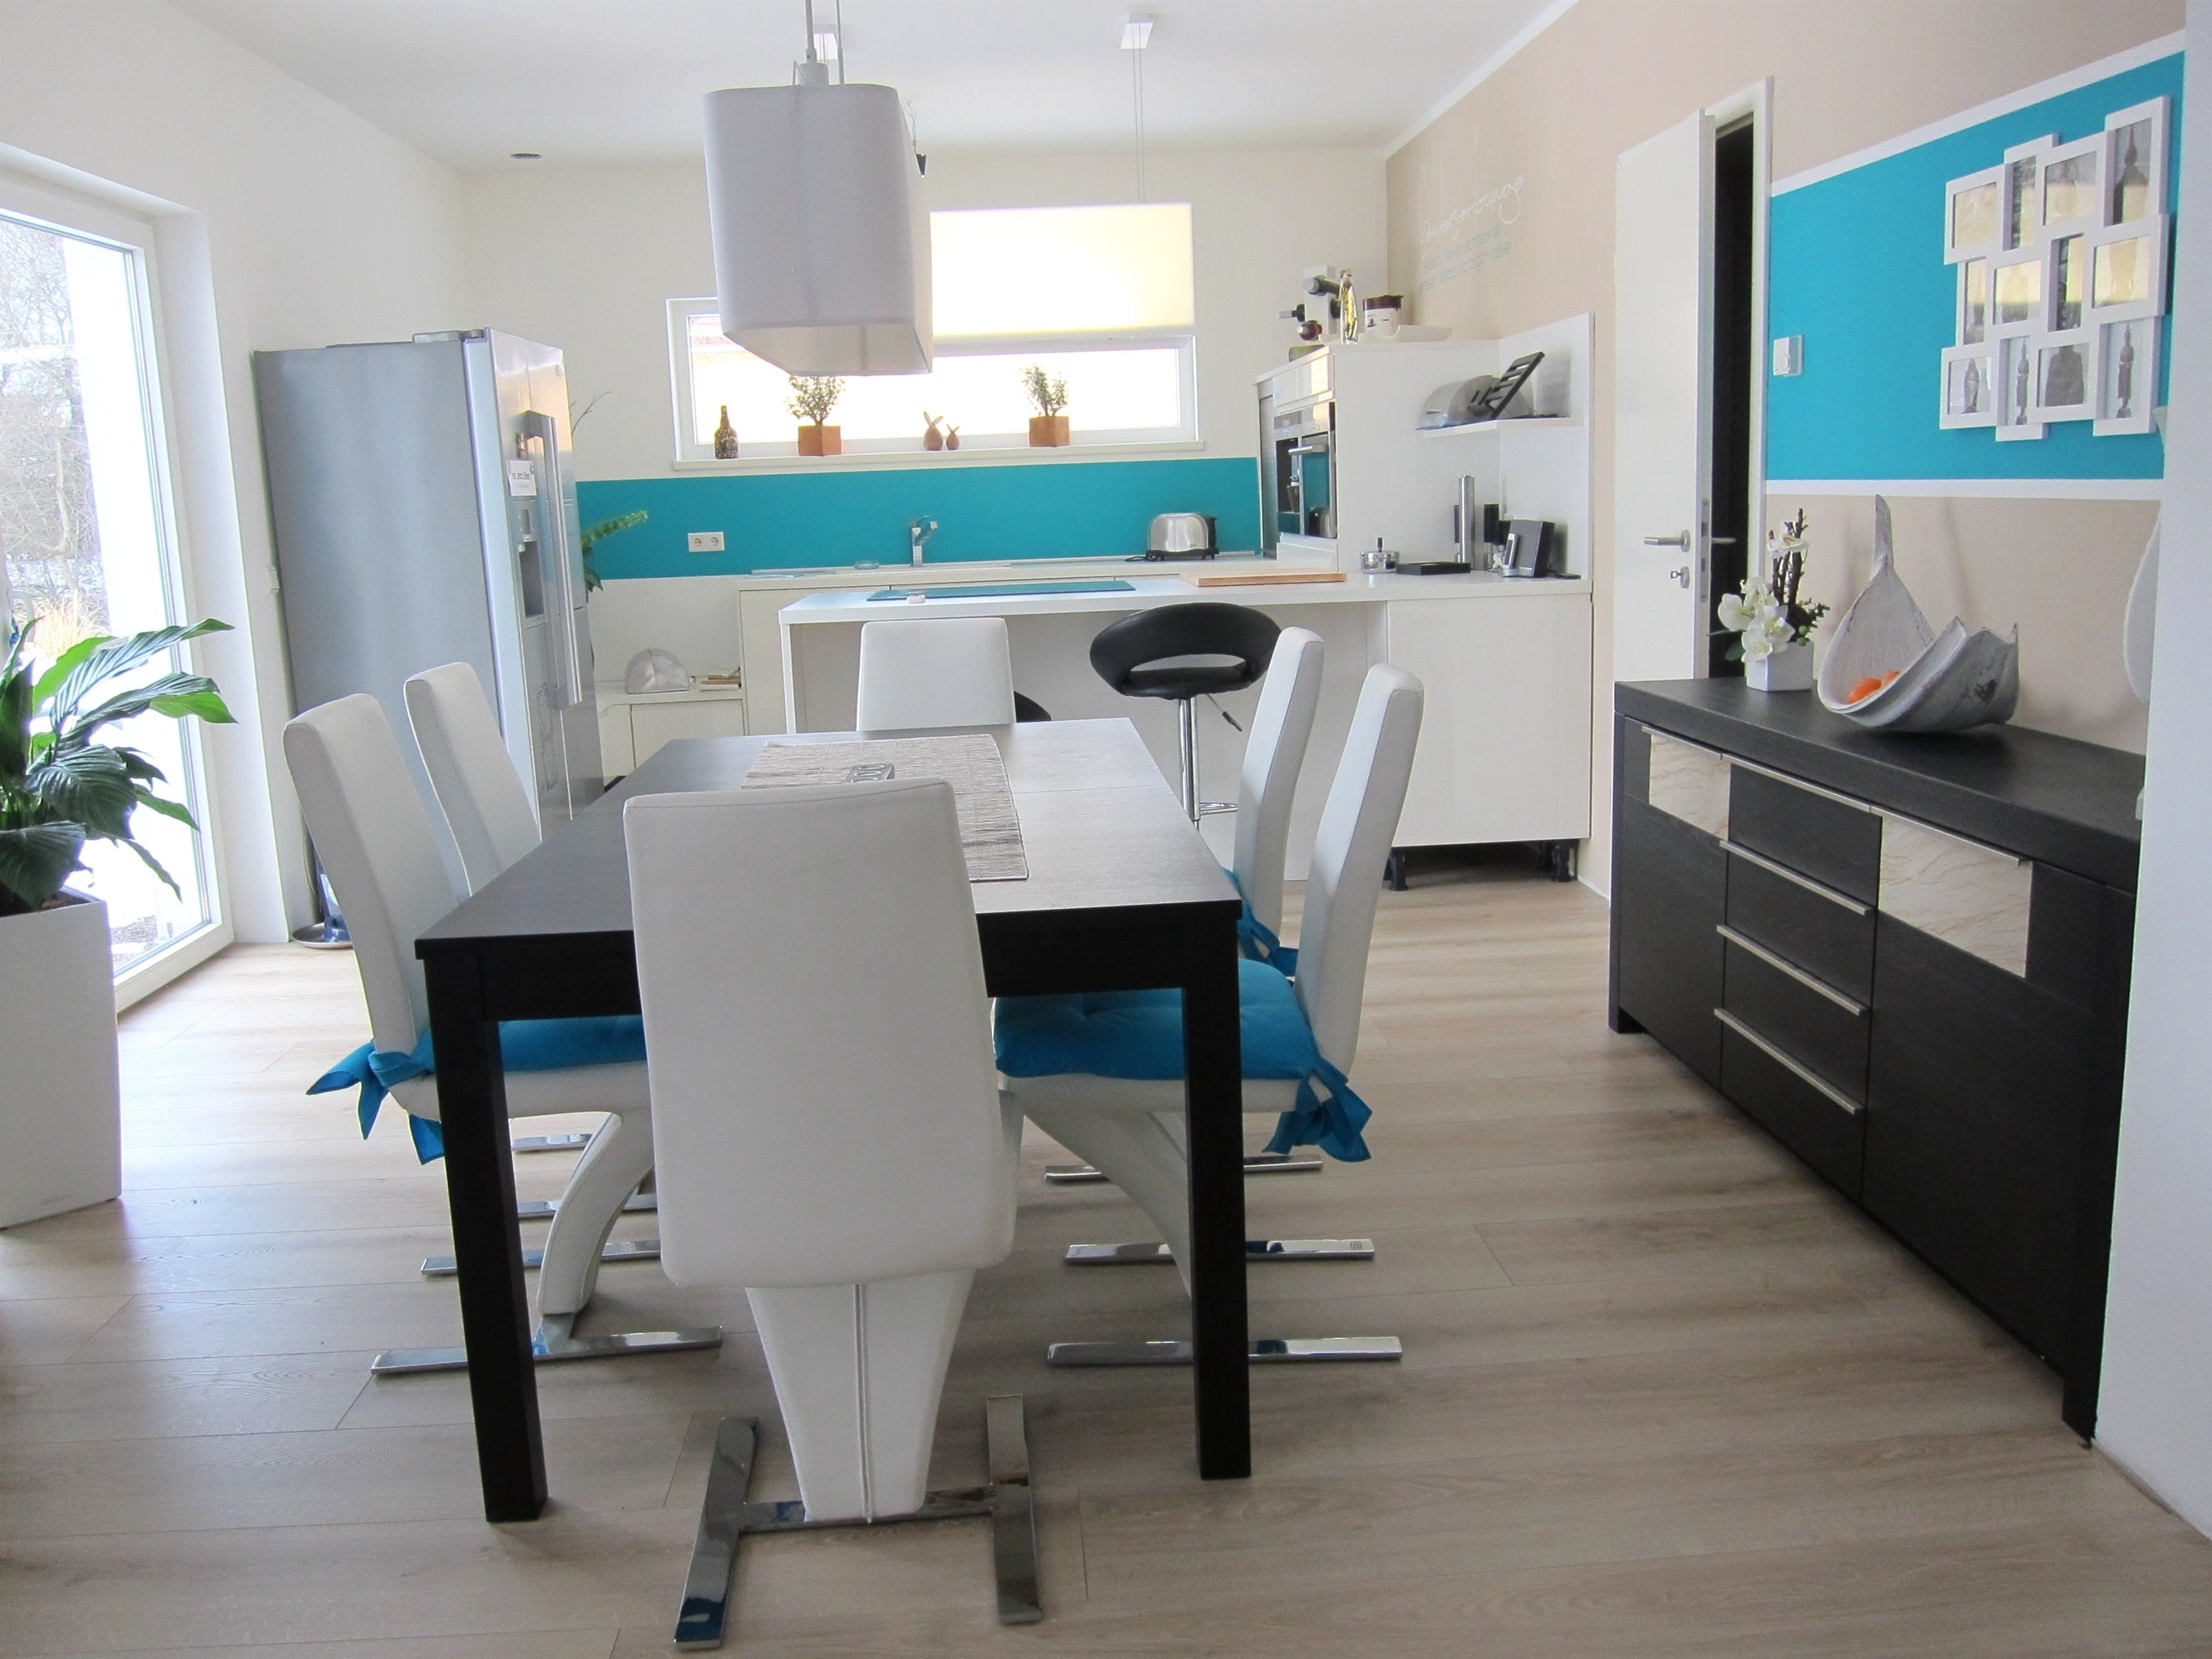 Kuche Esszimmer Und Wohnzimmer In Einem Kleinen Raum Room Living Room Decor Living Room